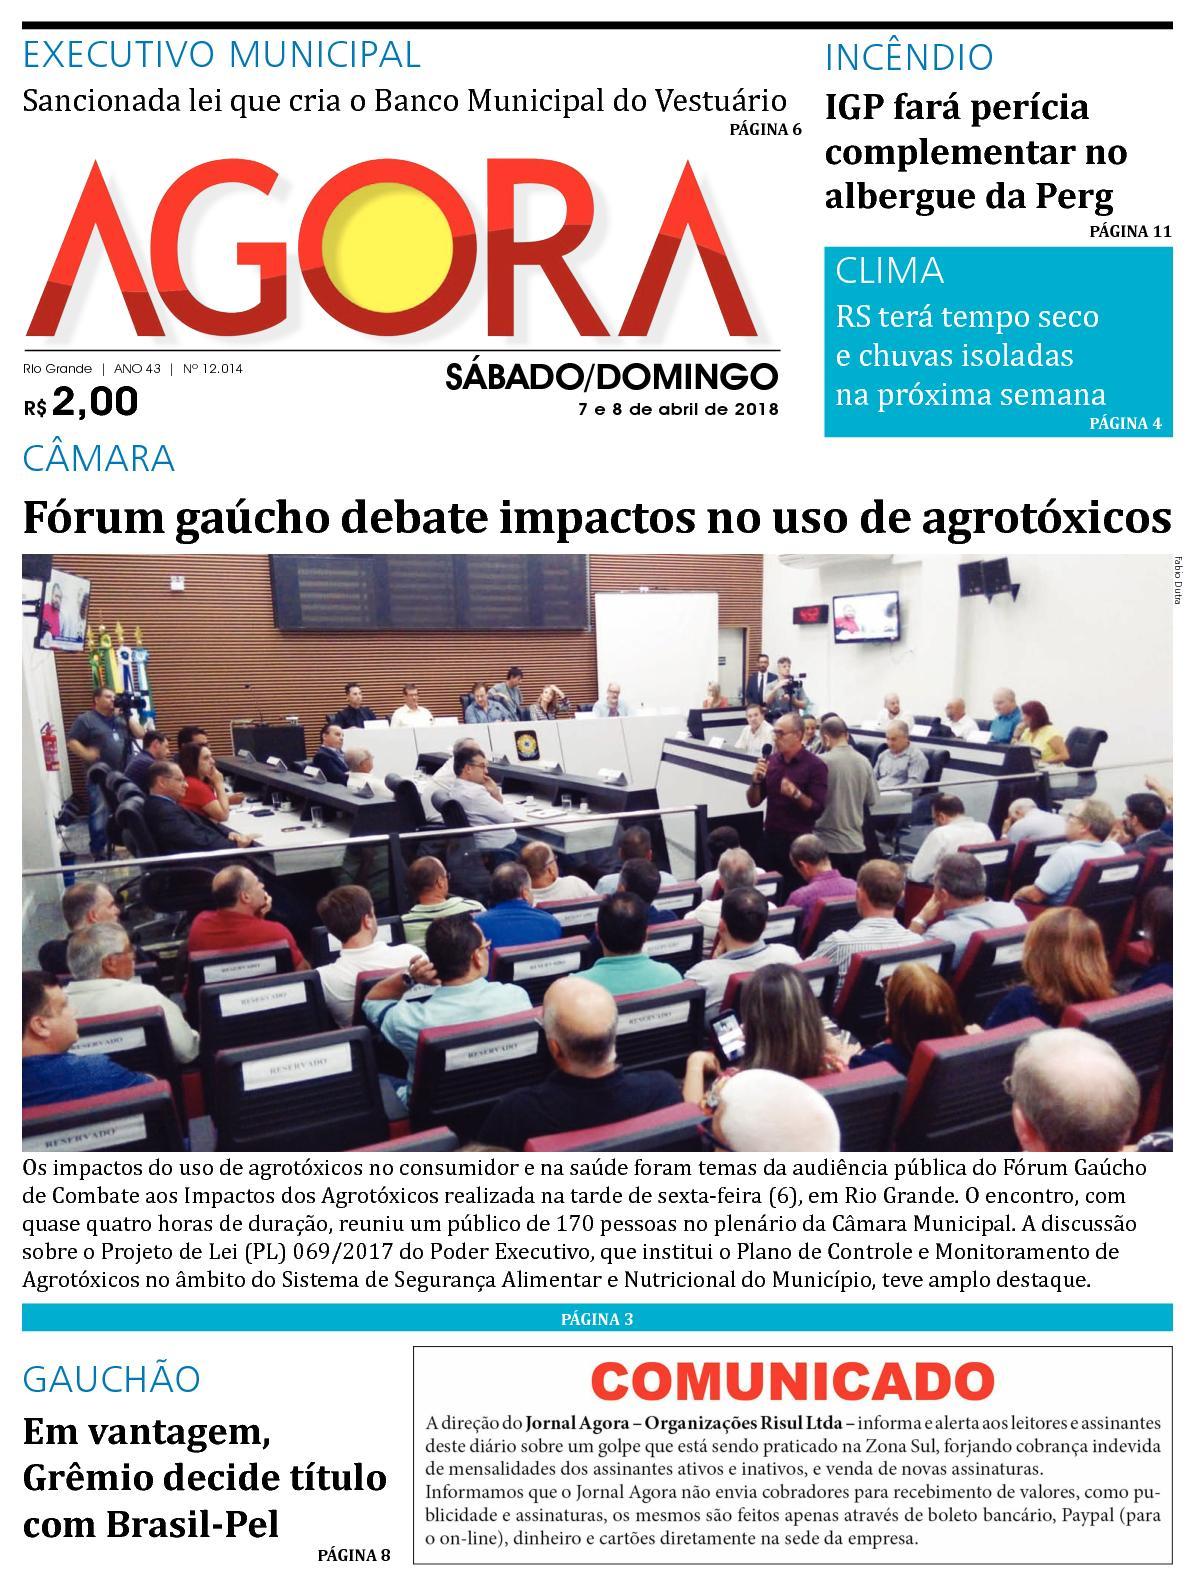 83c974fb3 Calaméo - Jornal Agora - Edição 12014 - 7 e 8 de Abril de 2018